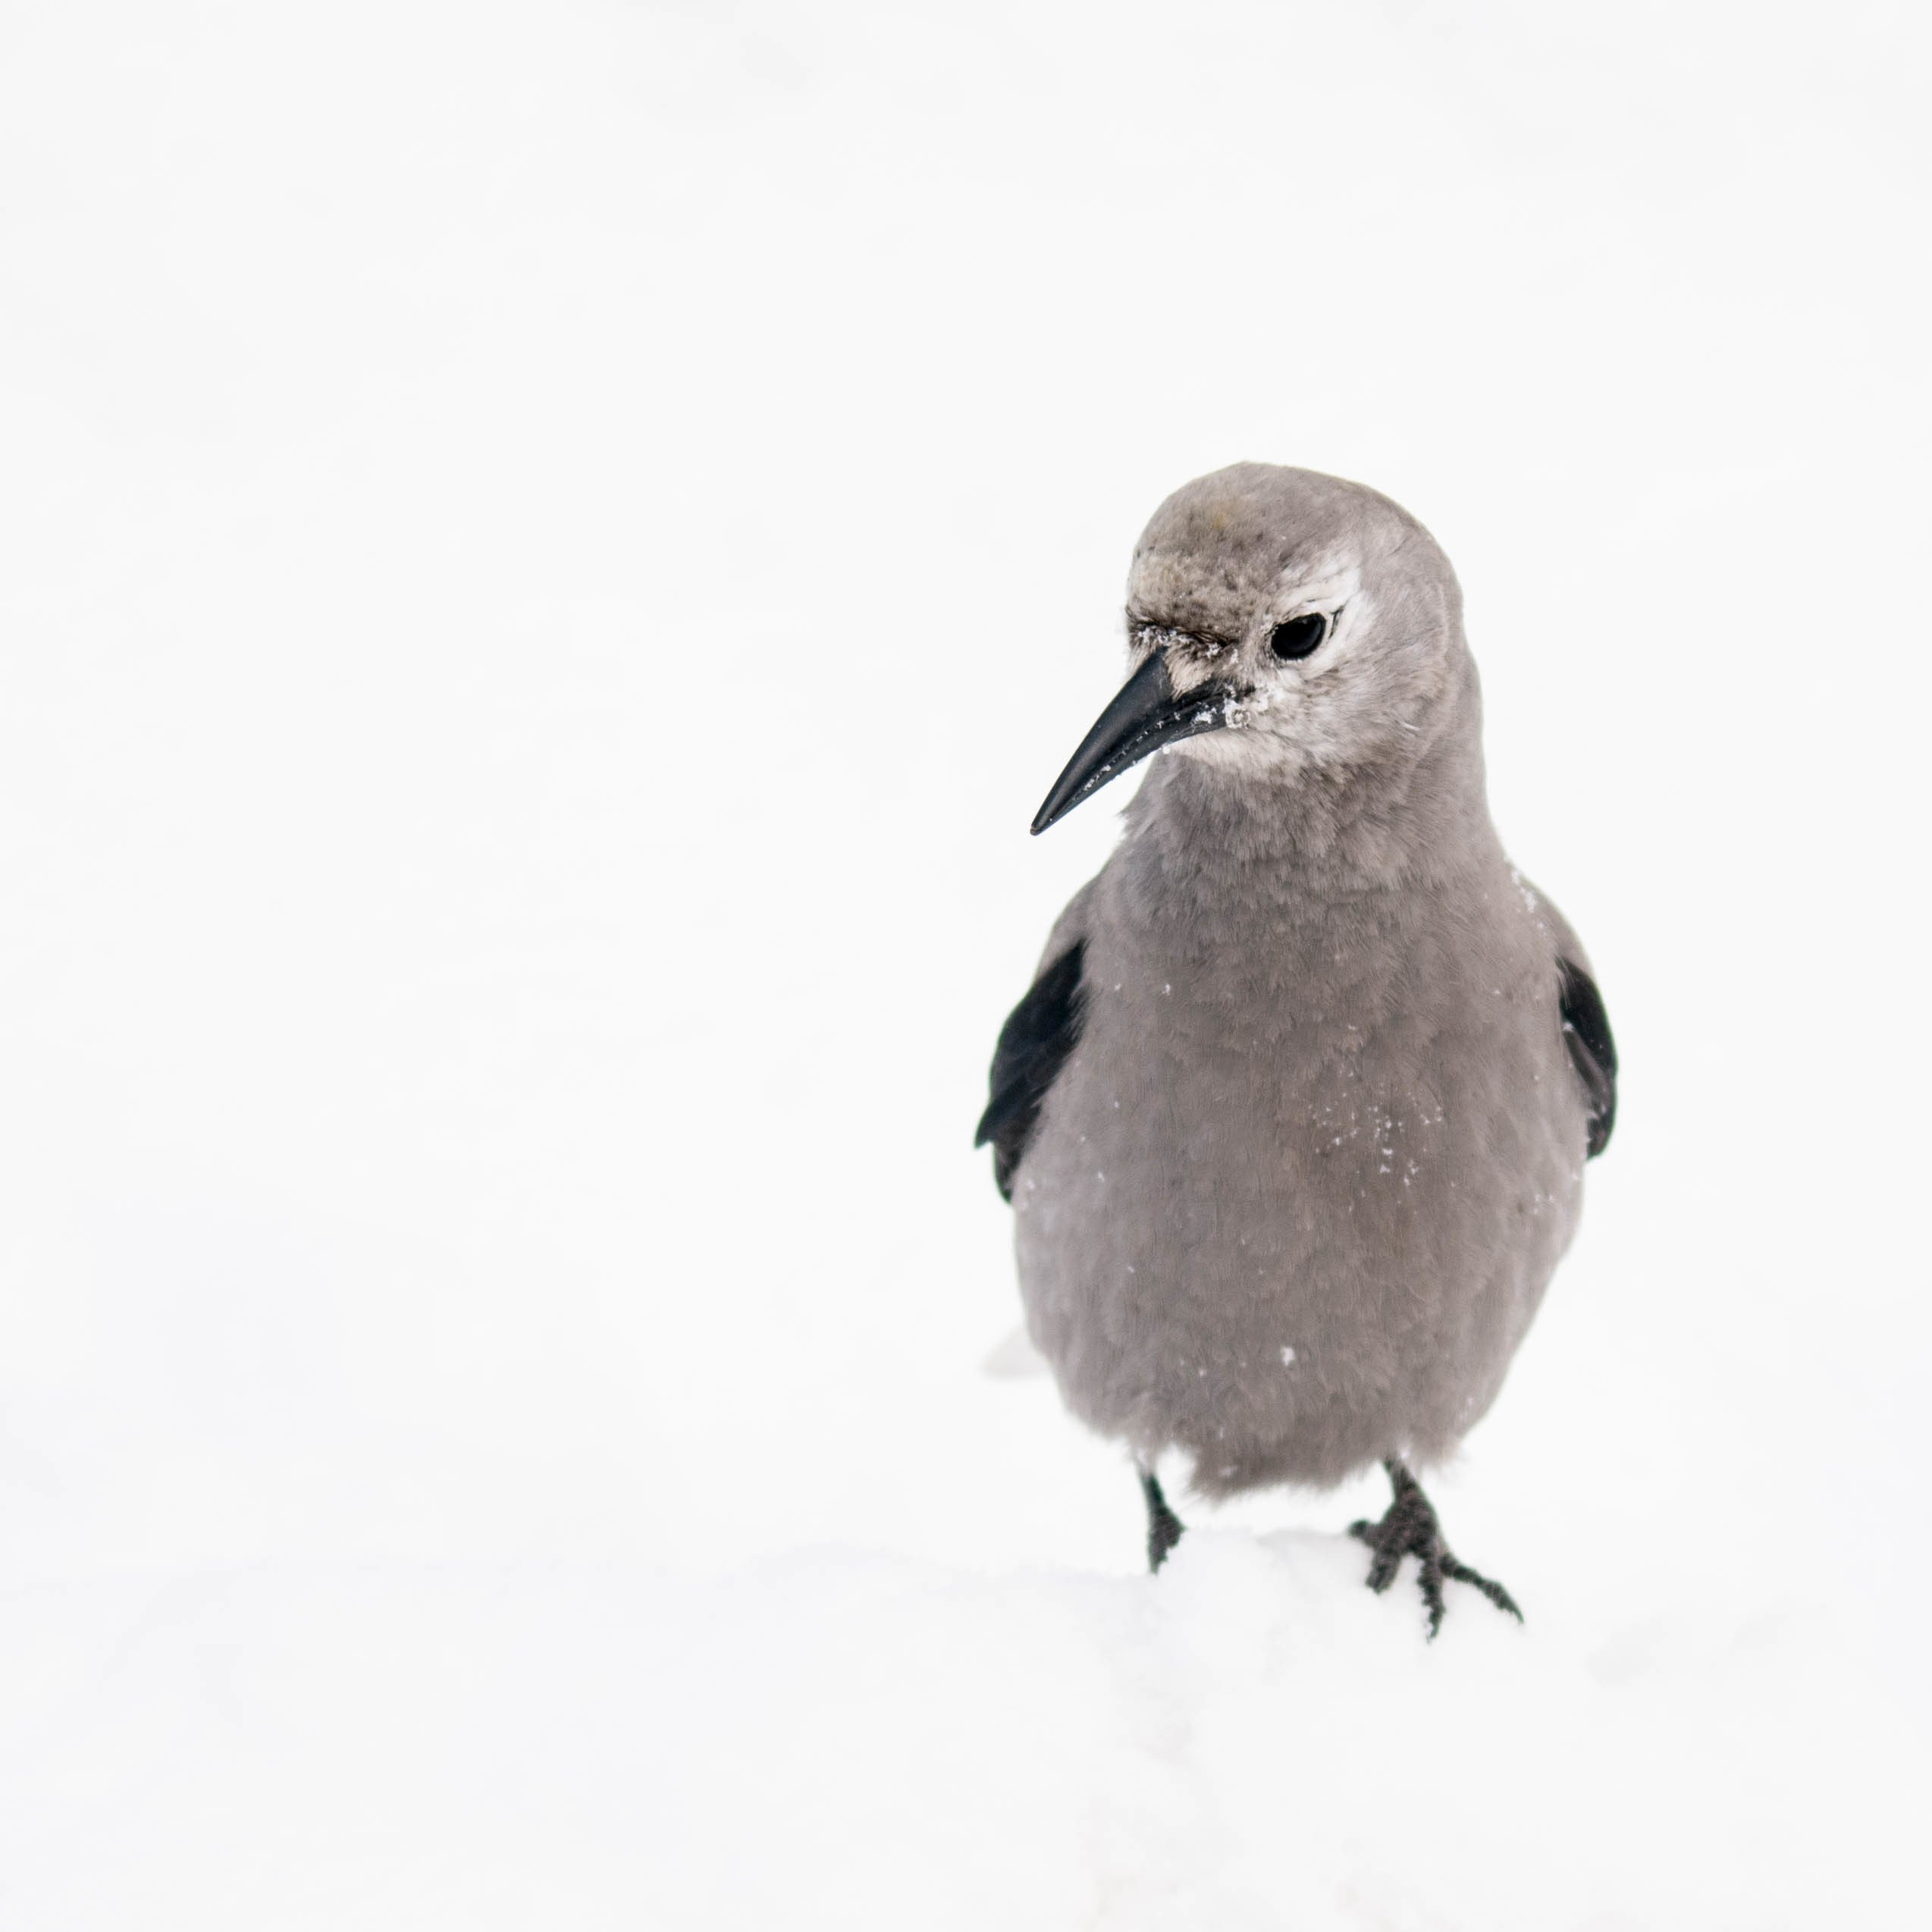 clark s nutcracker in snow